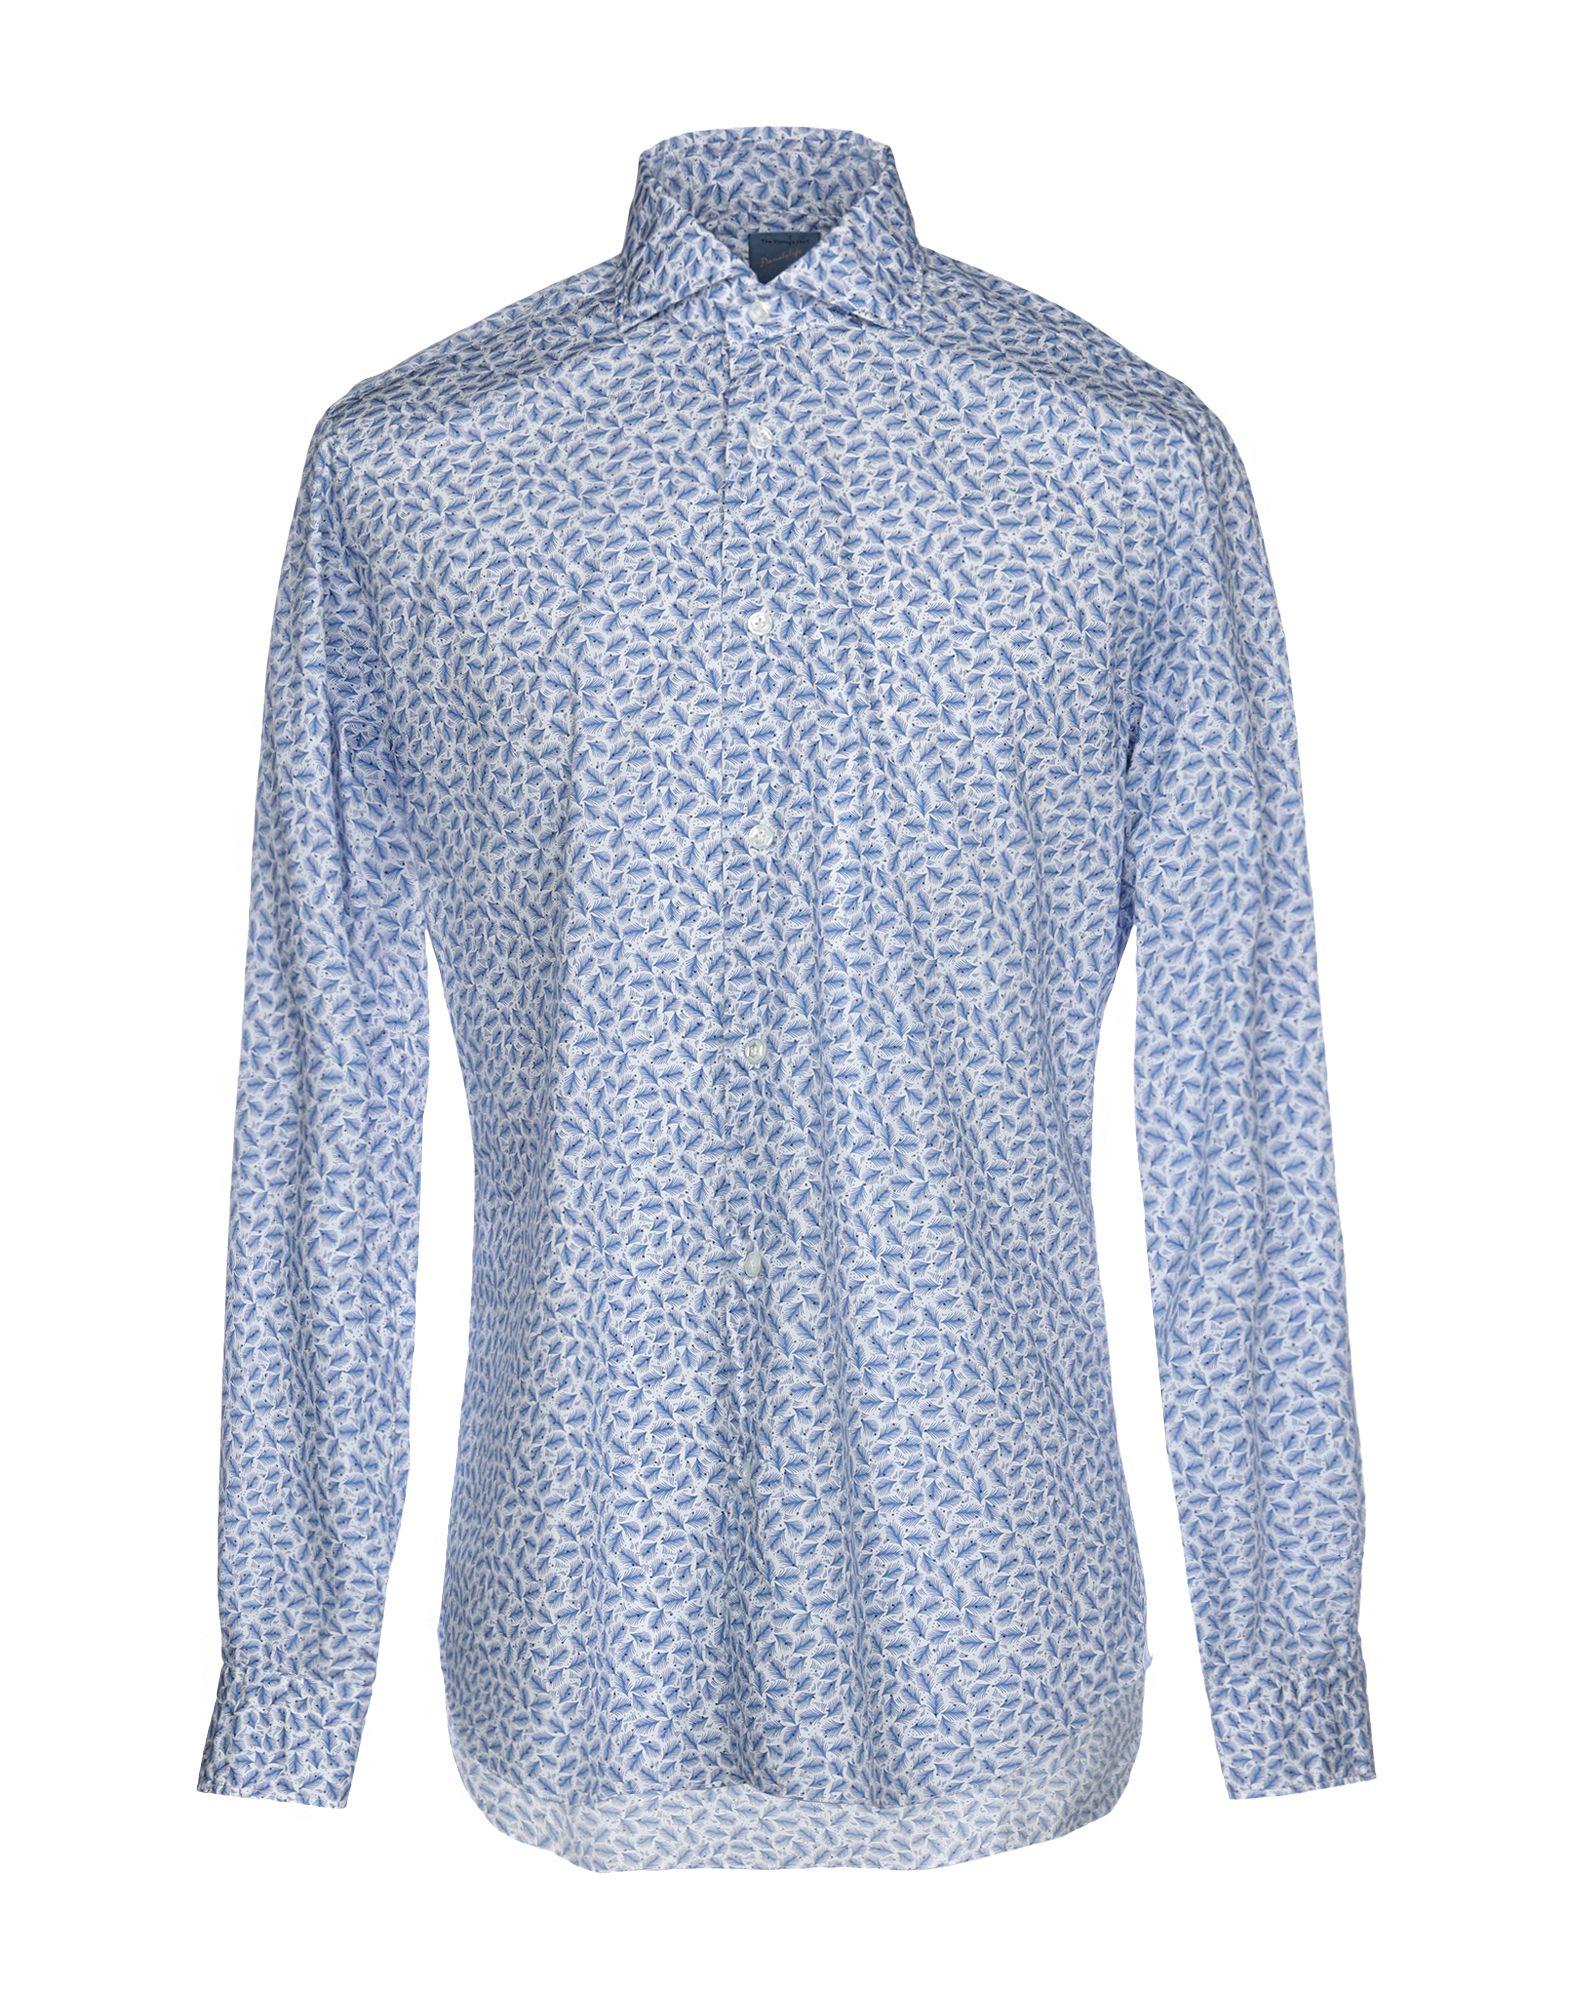 《送料無料》DANDYLIFE by BARBA メンズ シャツ アジュールブルー 41 コットン 100%